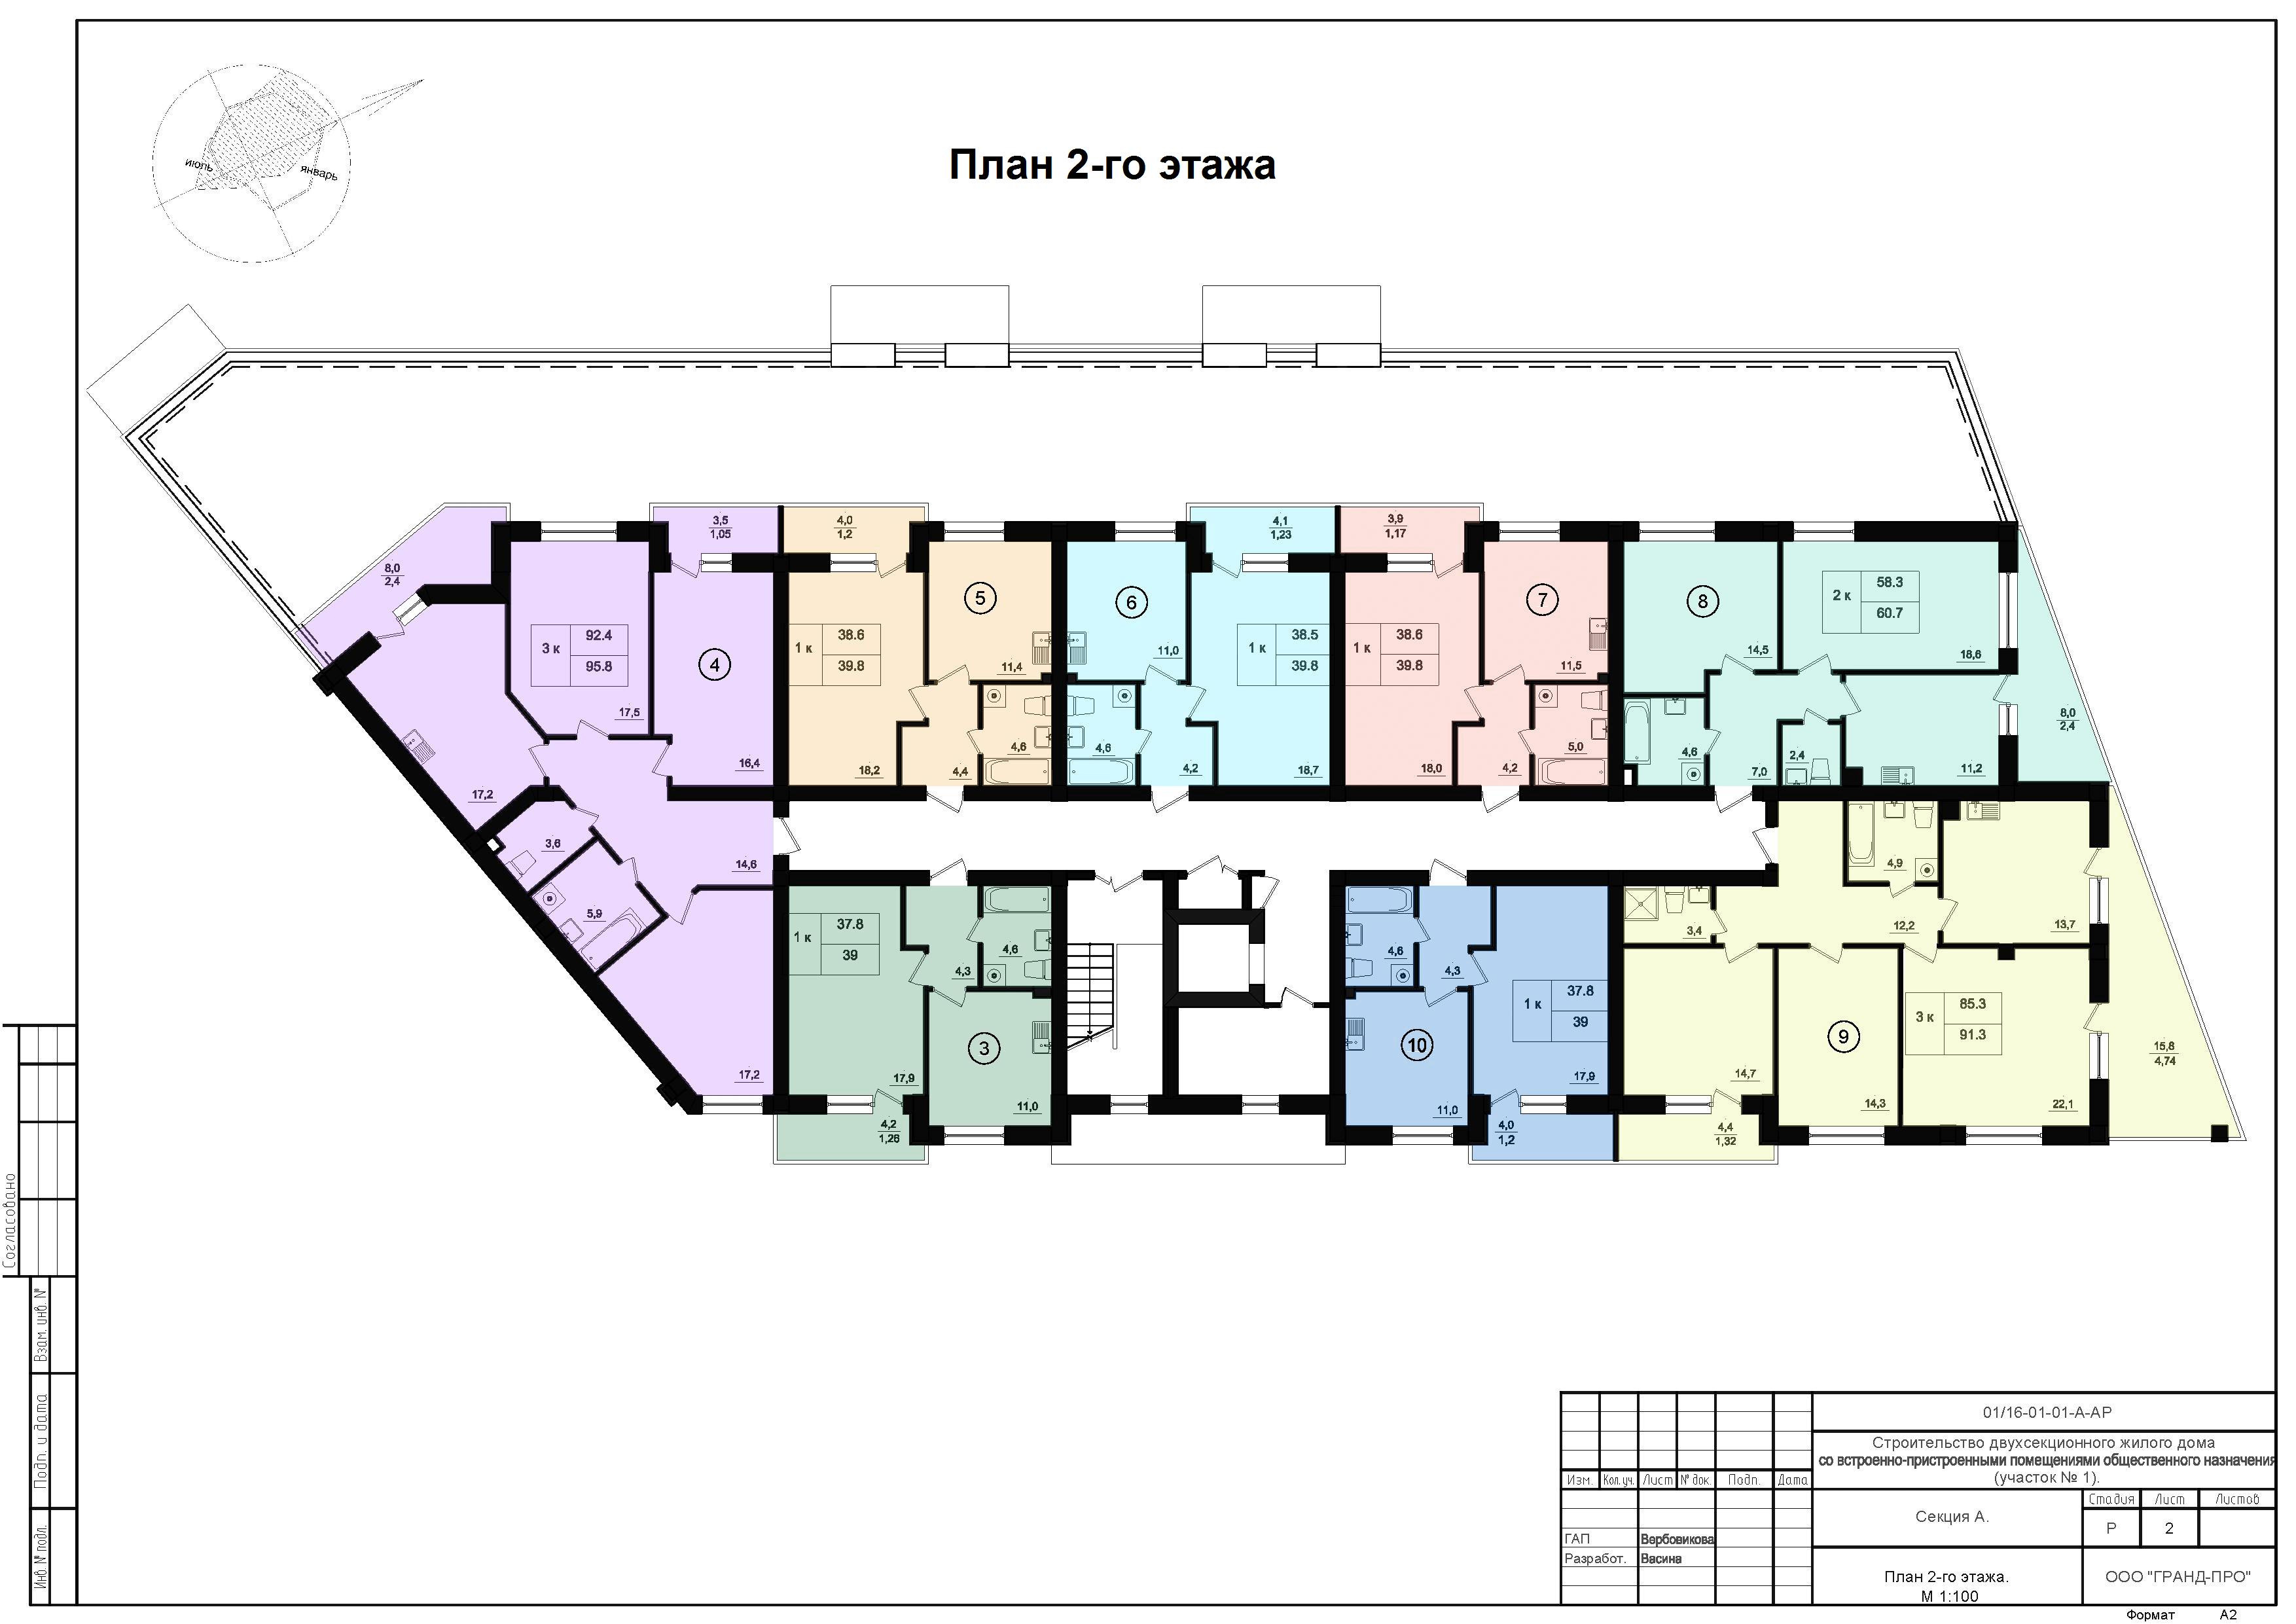 ЖК Парк Фонтанов / Секция 9 / План 2-го этажа